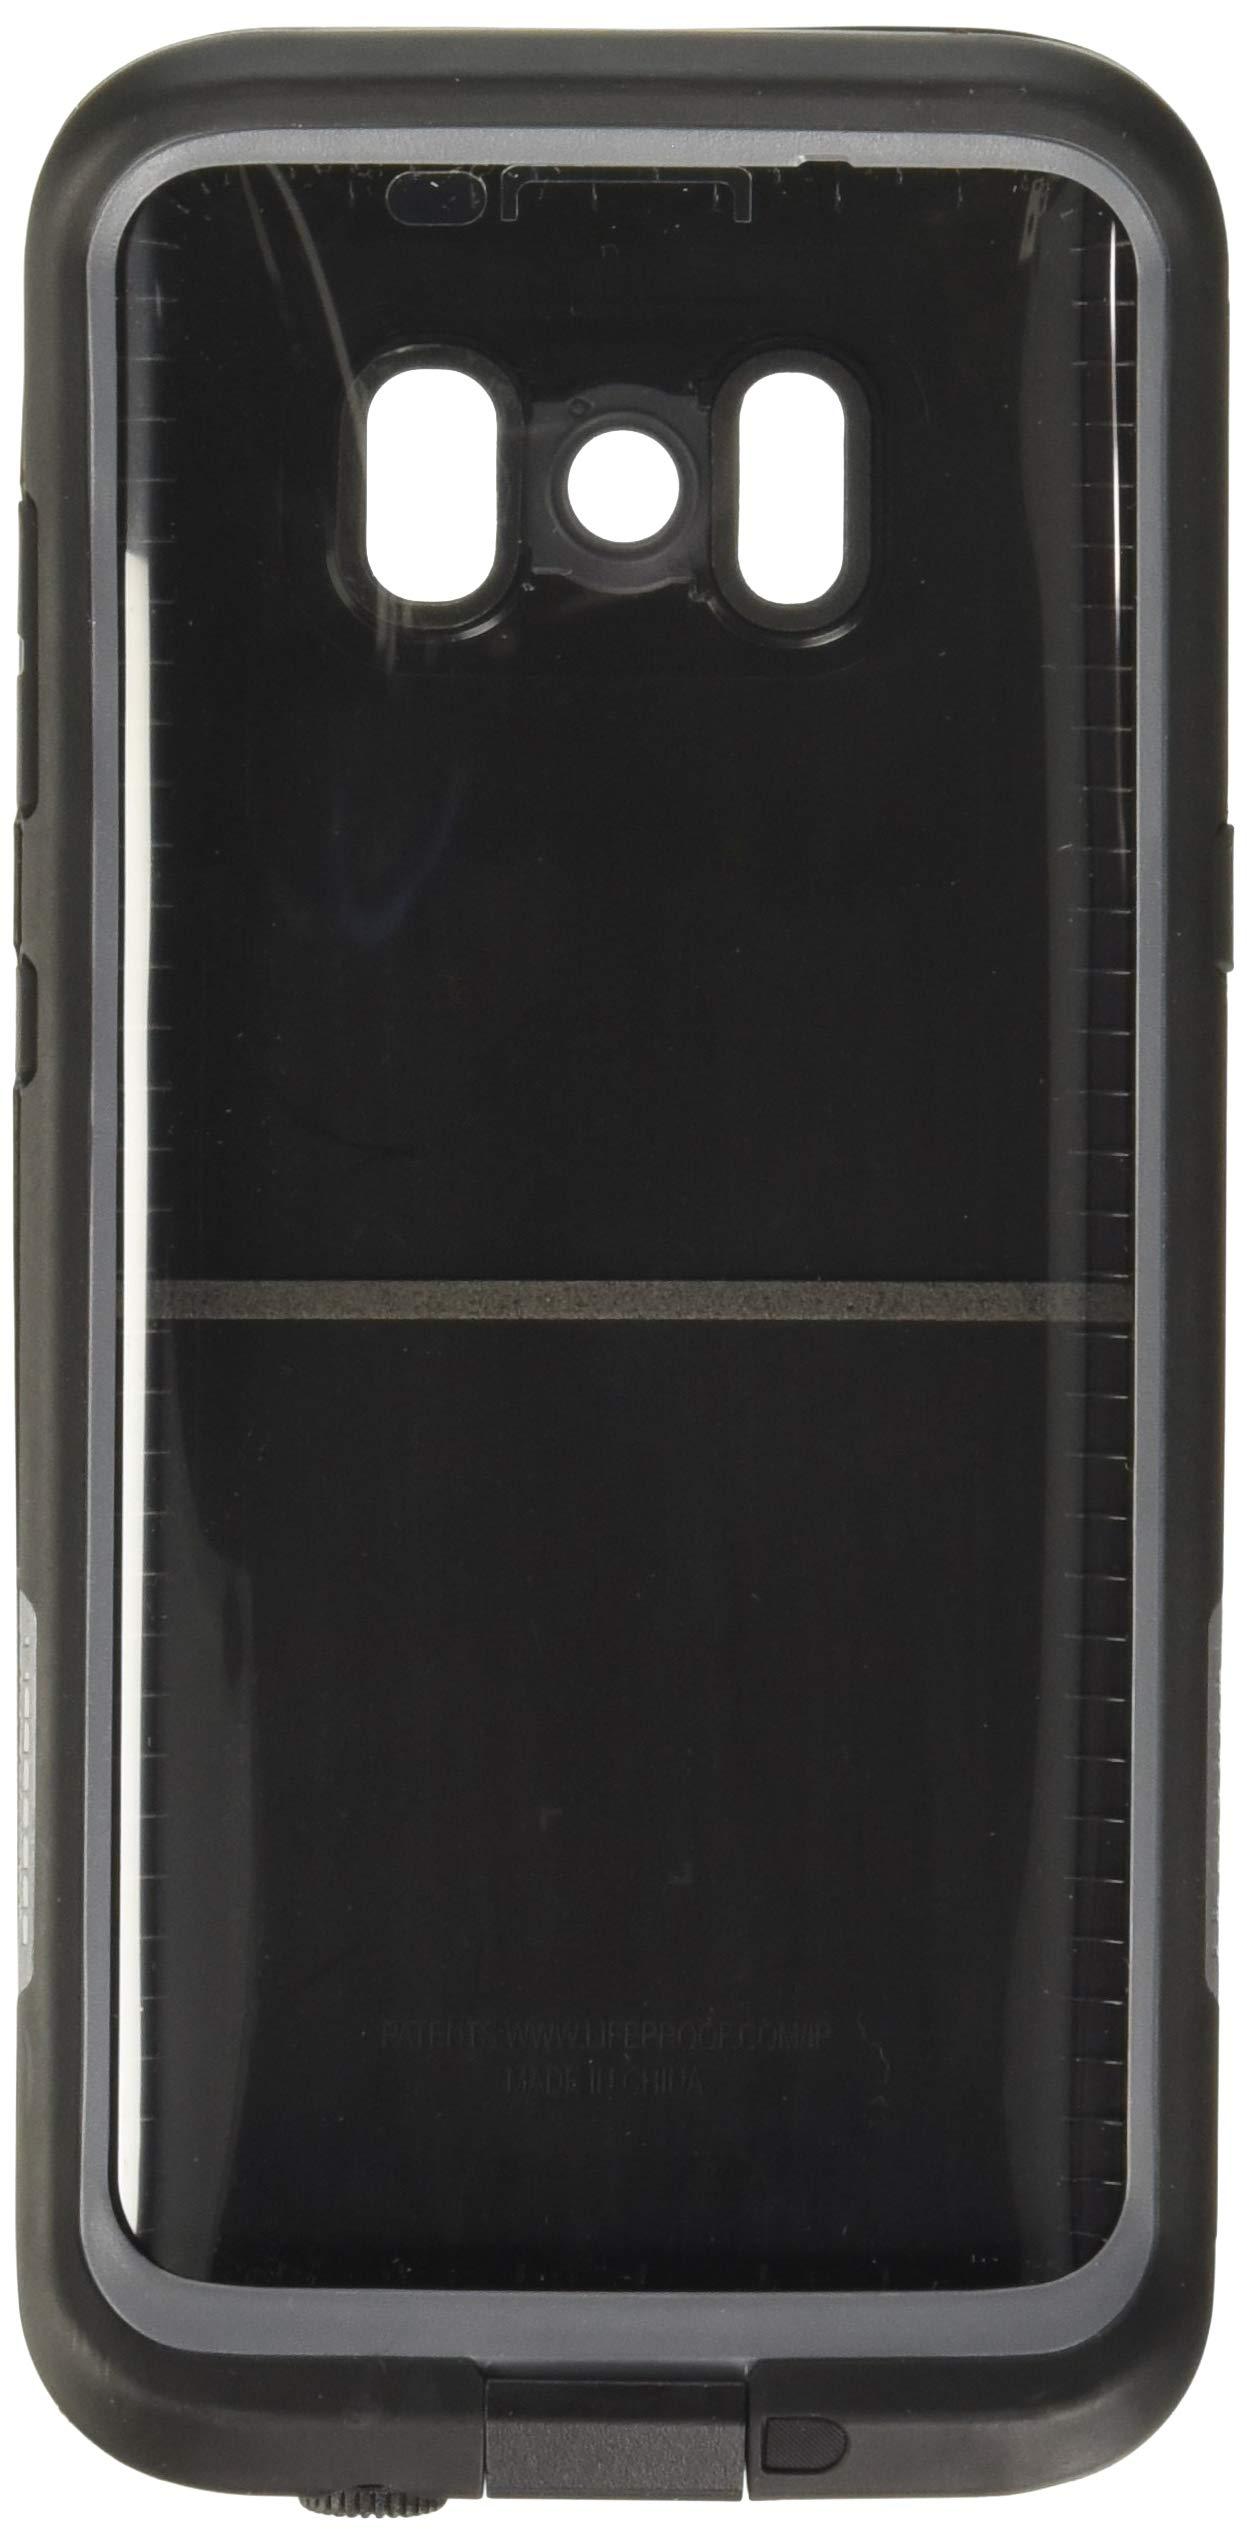 Lifeproof FRĒ SERIES Waterproof Case for Samsung Galaxy S8 (ONLY) - Retail Packaging - ASPHALT (BLACK/DARK GREY) by LifeProof (Image #3)